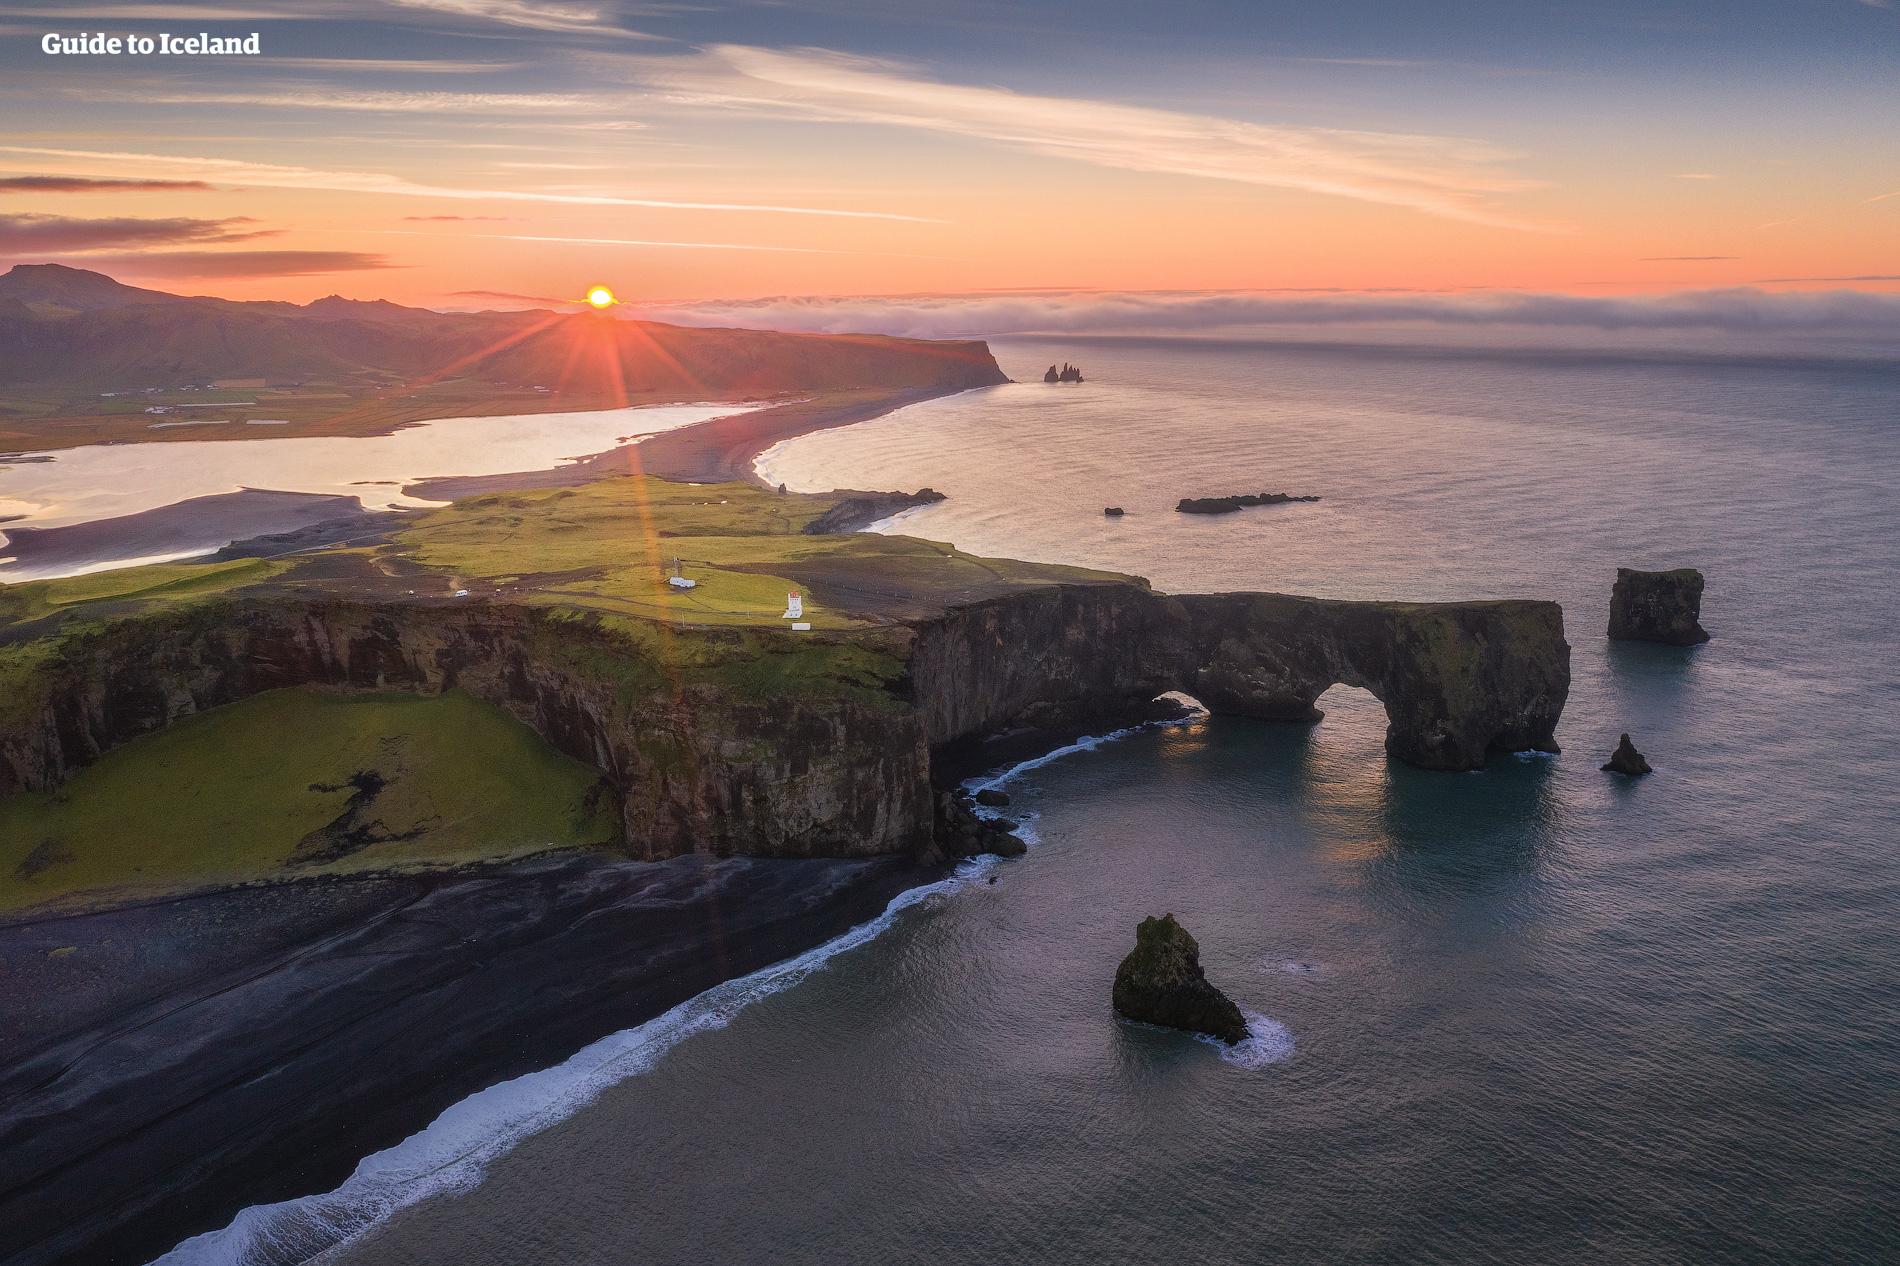 冰岛南岸迪霍拉里岬角的日落景象